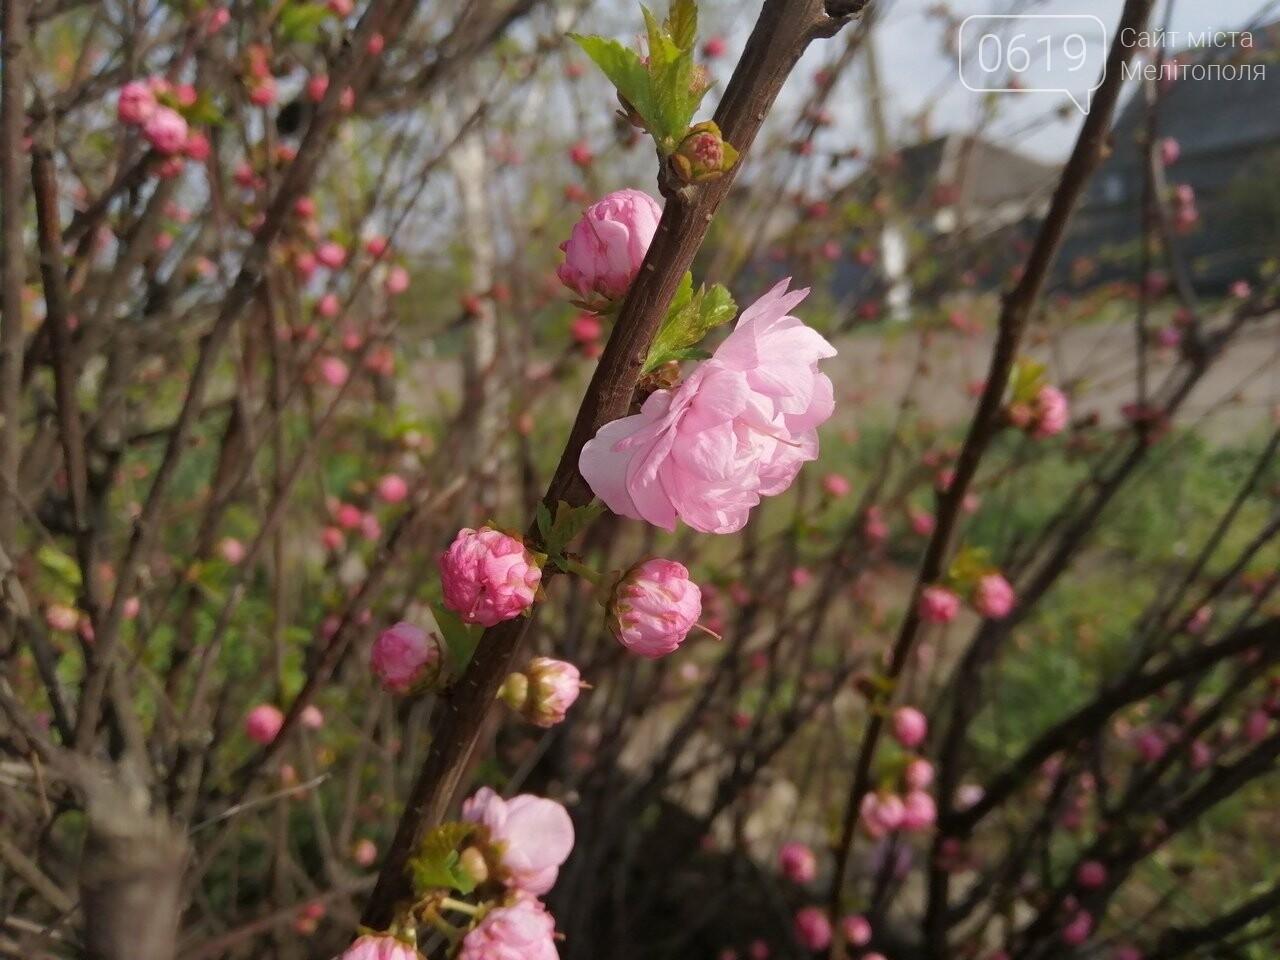 В Мелитополе расцвели майские розы, фото-1, Фото сайта 0619